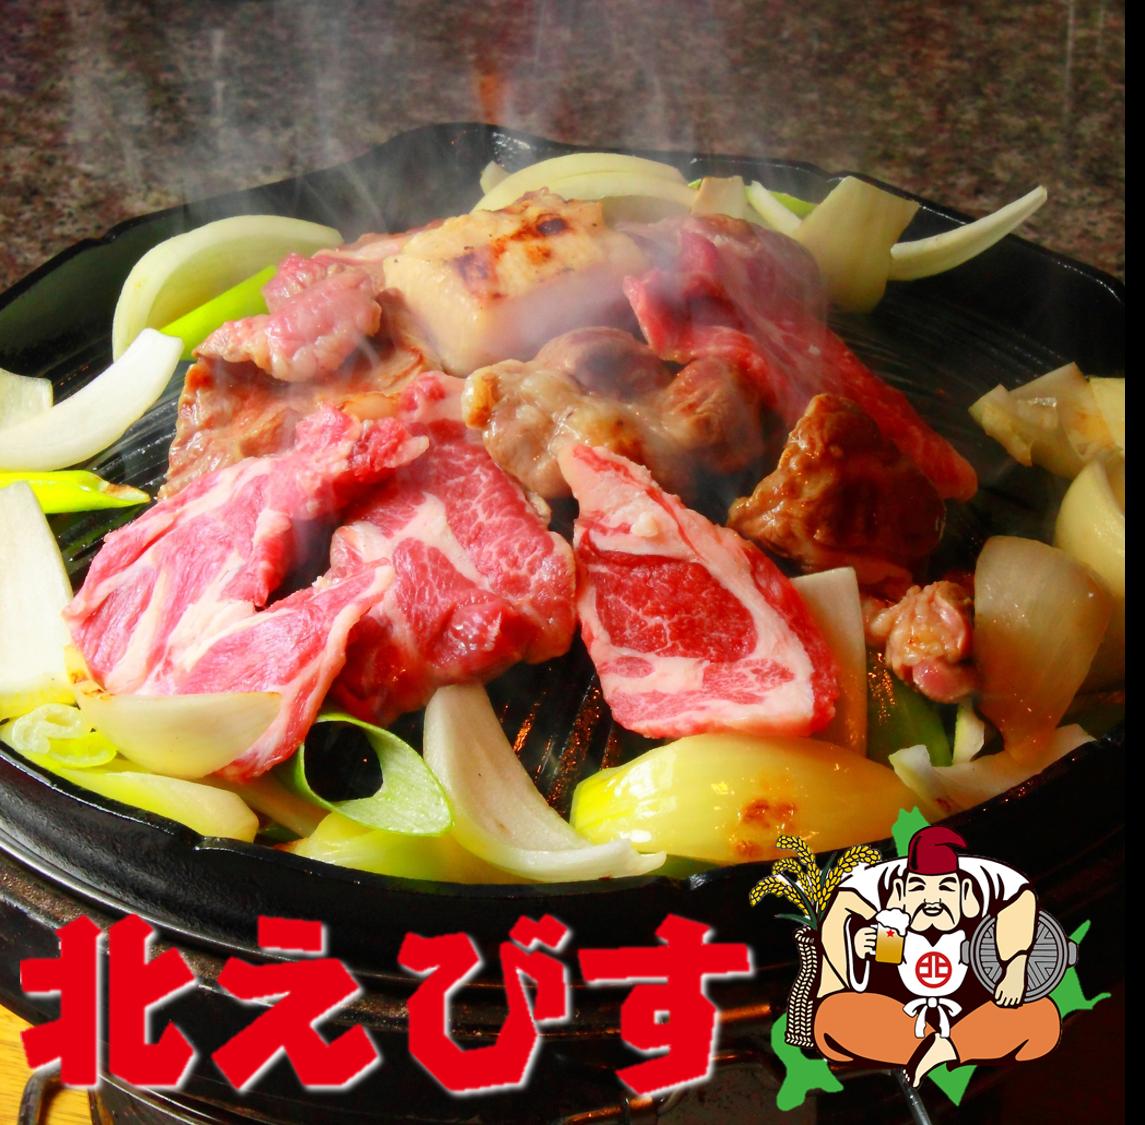 地元客にも愛されるこだわりの熟成肉を使用した絶品ジンギスカン